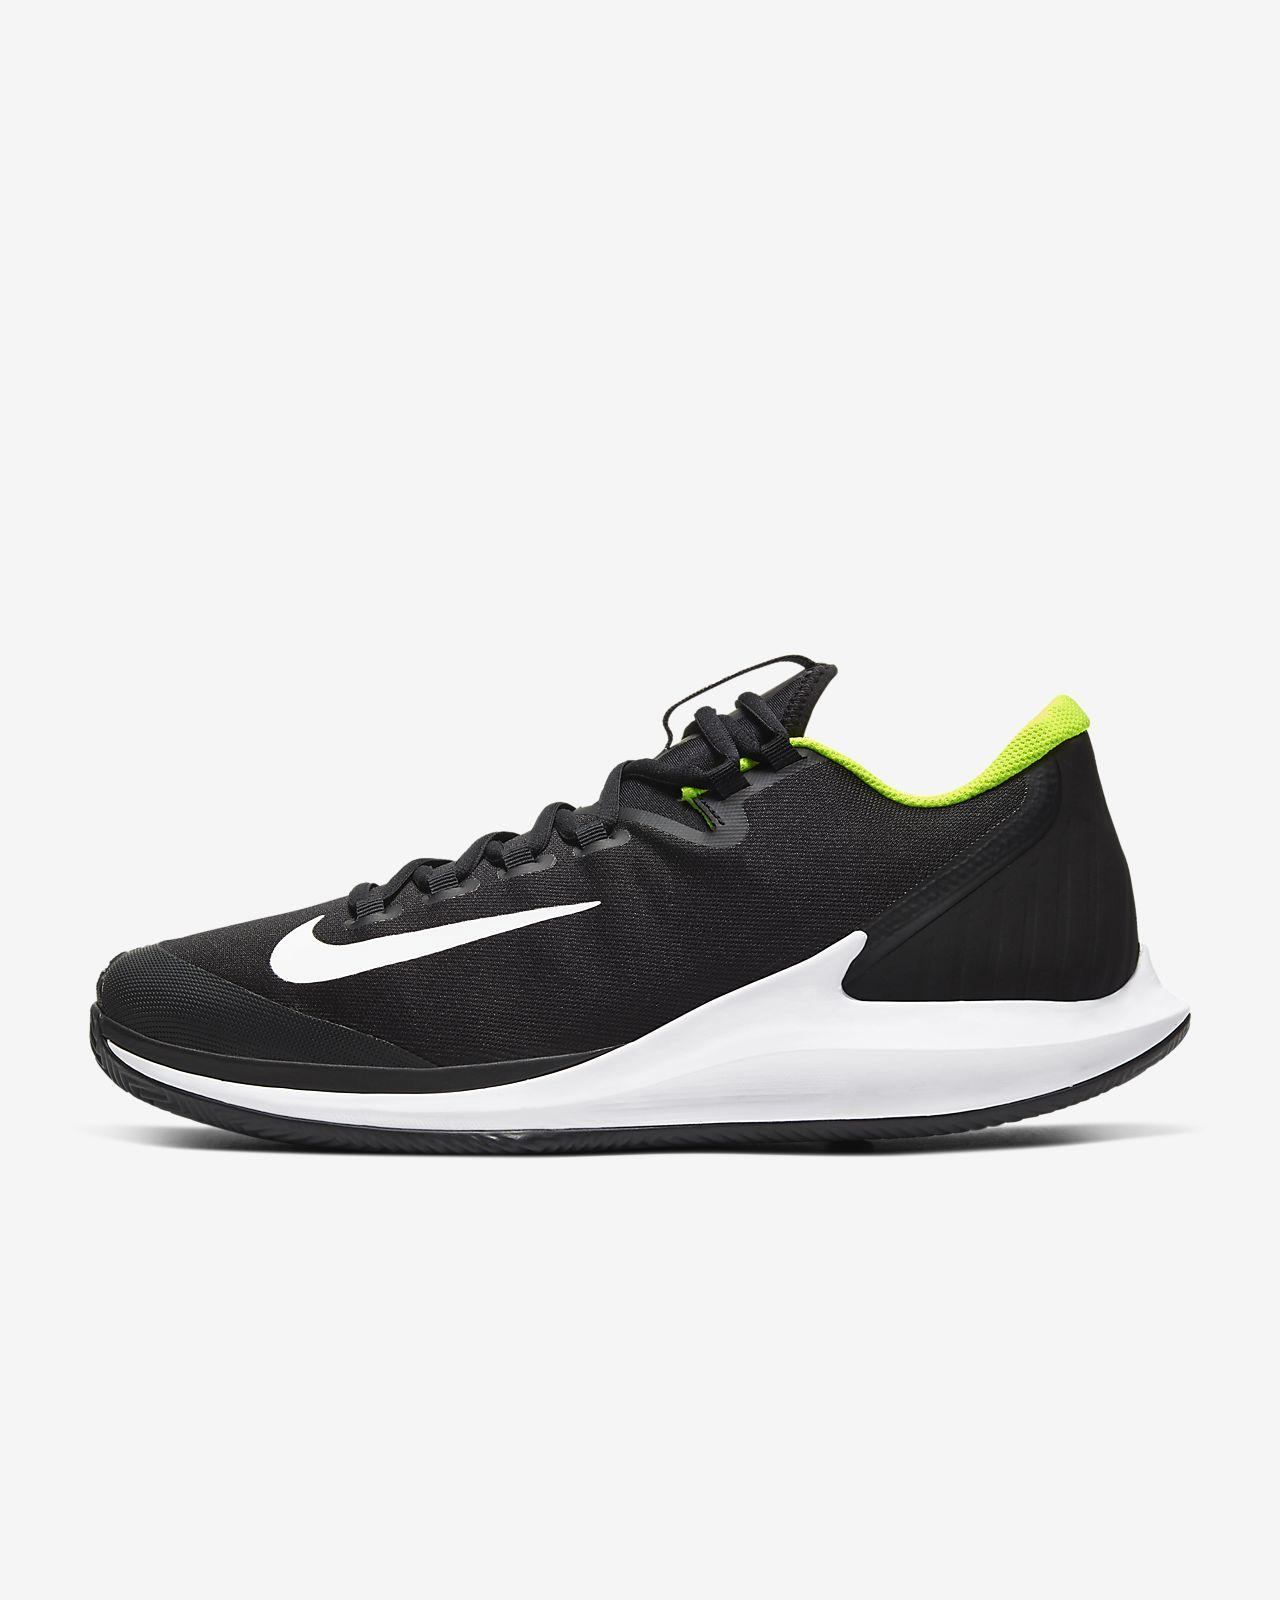 Pánská tenisová bota NikeCourt Air Zoom Zero na antuku